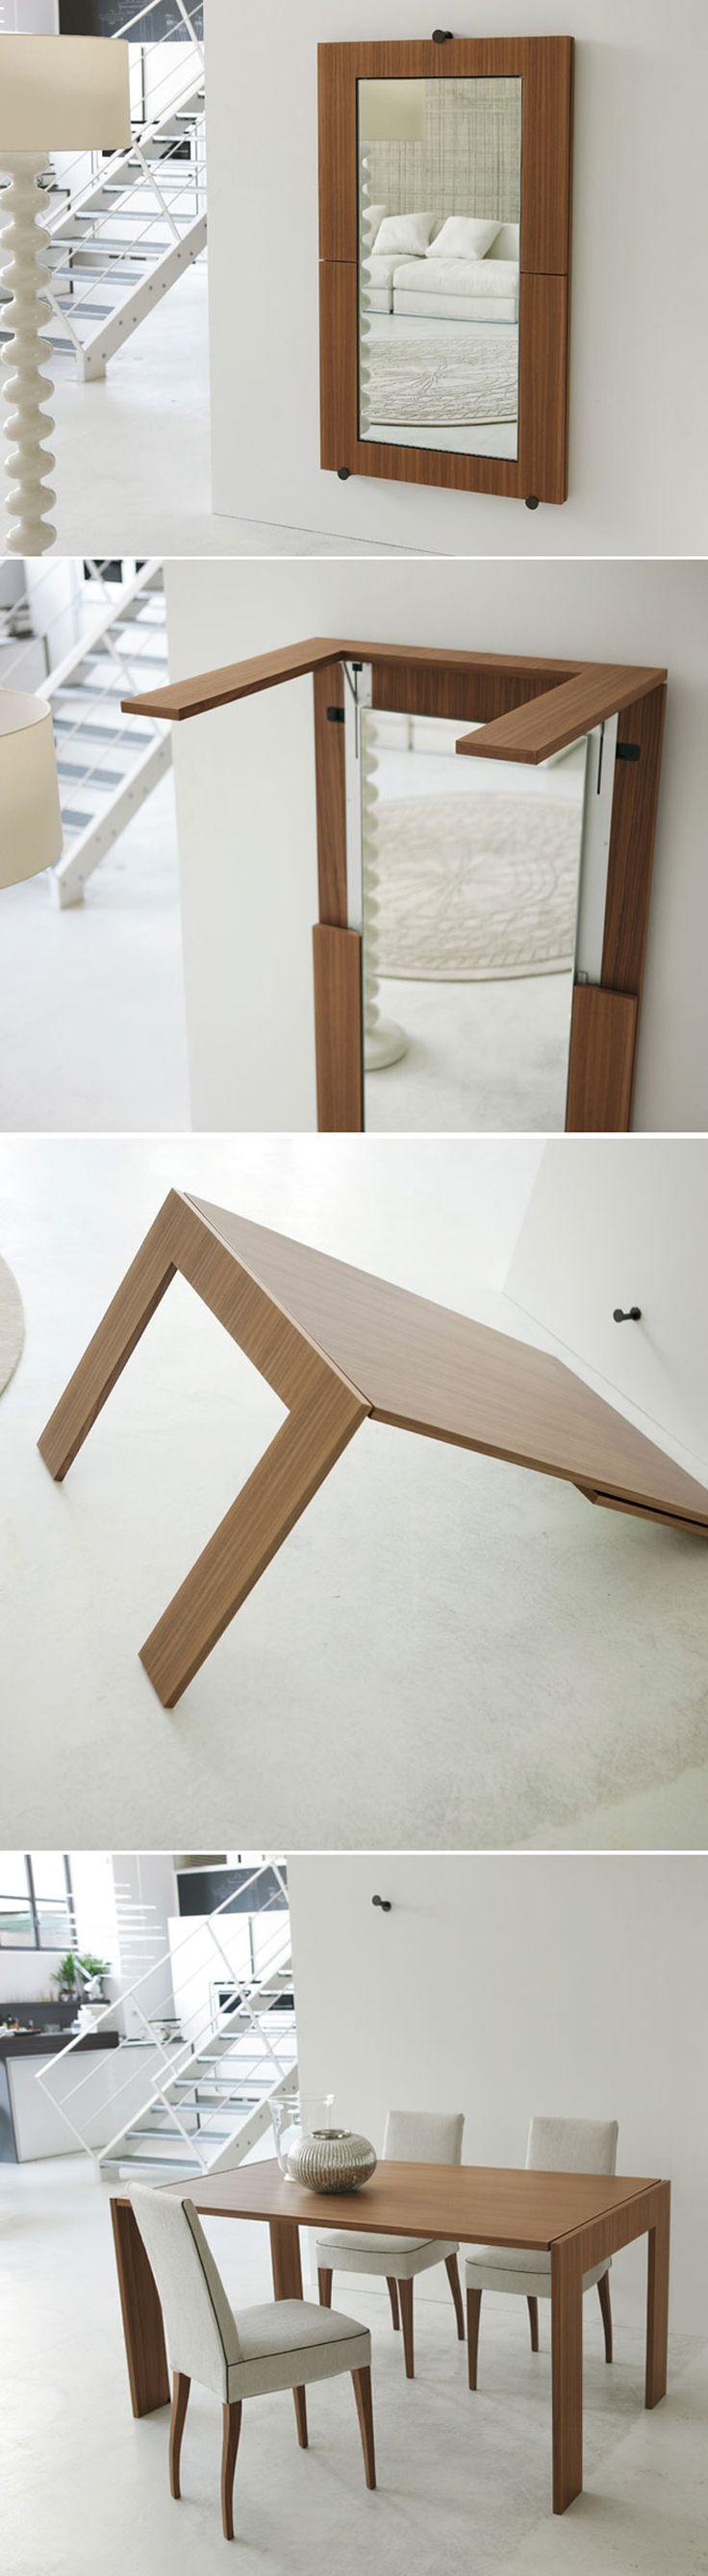 die besten 25 billardtisch esstisch ideen auf pinterest. Black Bedroom Furniture Sets. Home Design Ideas